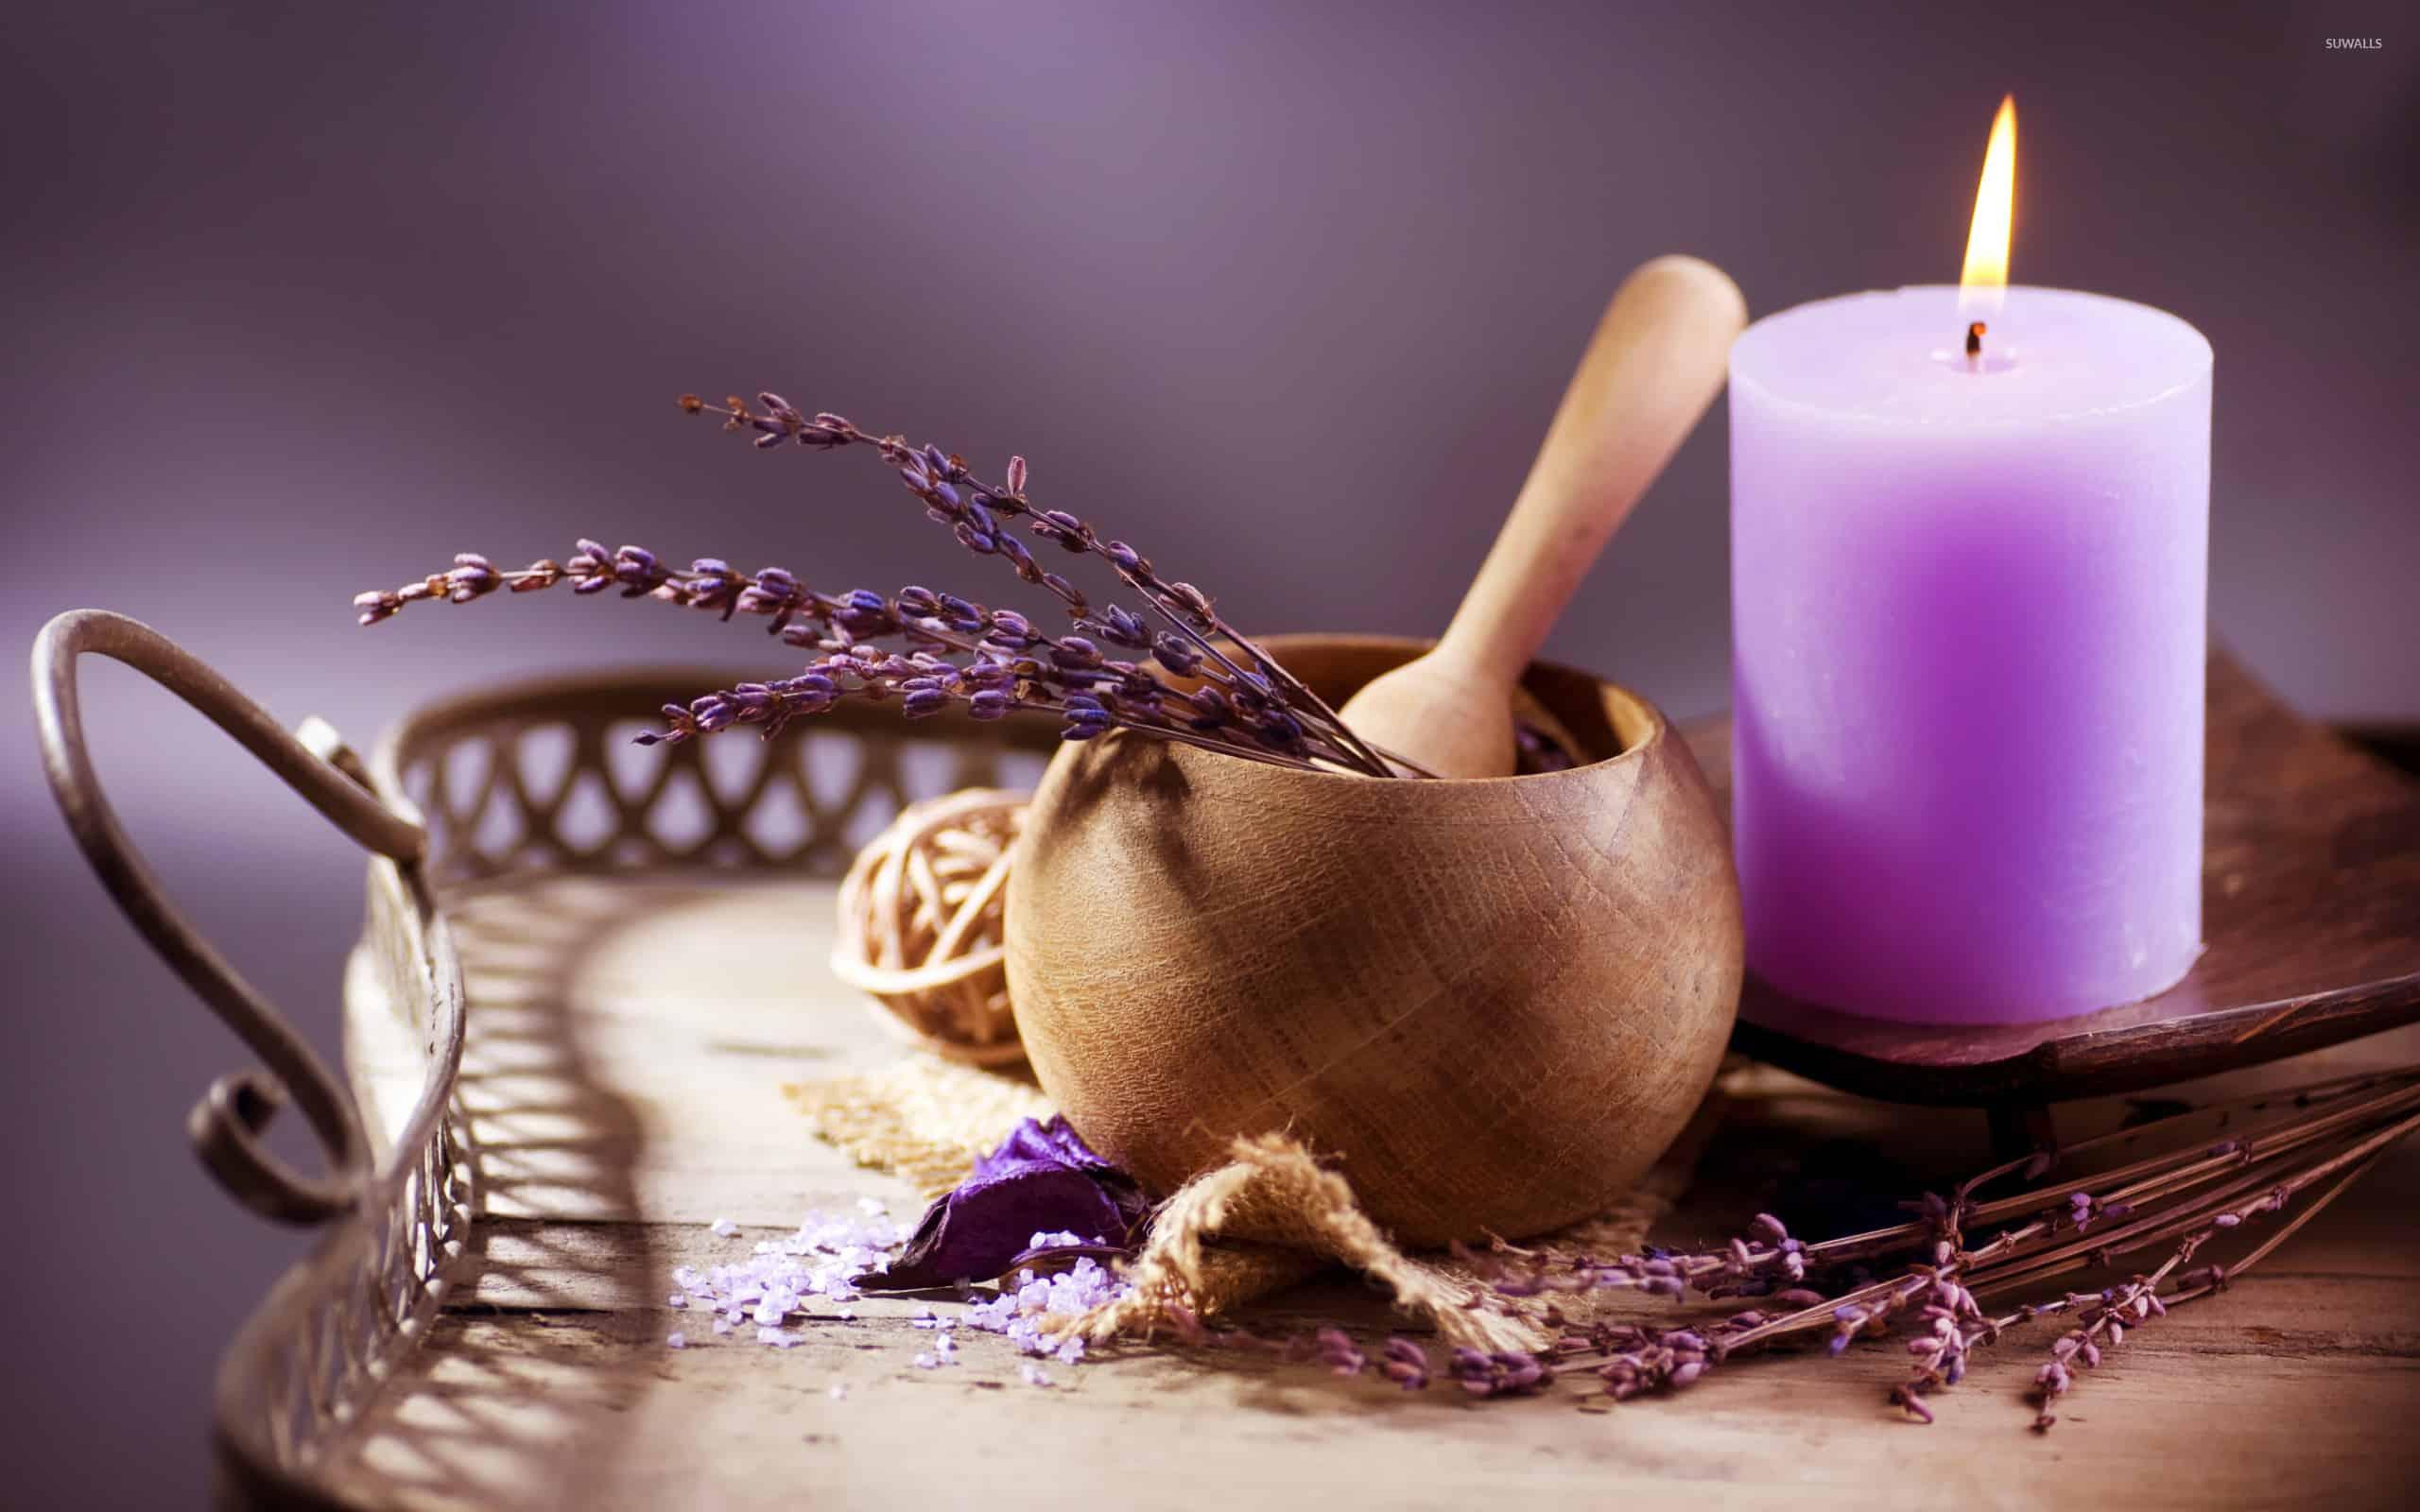 магия свечей - как работает?